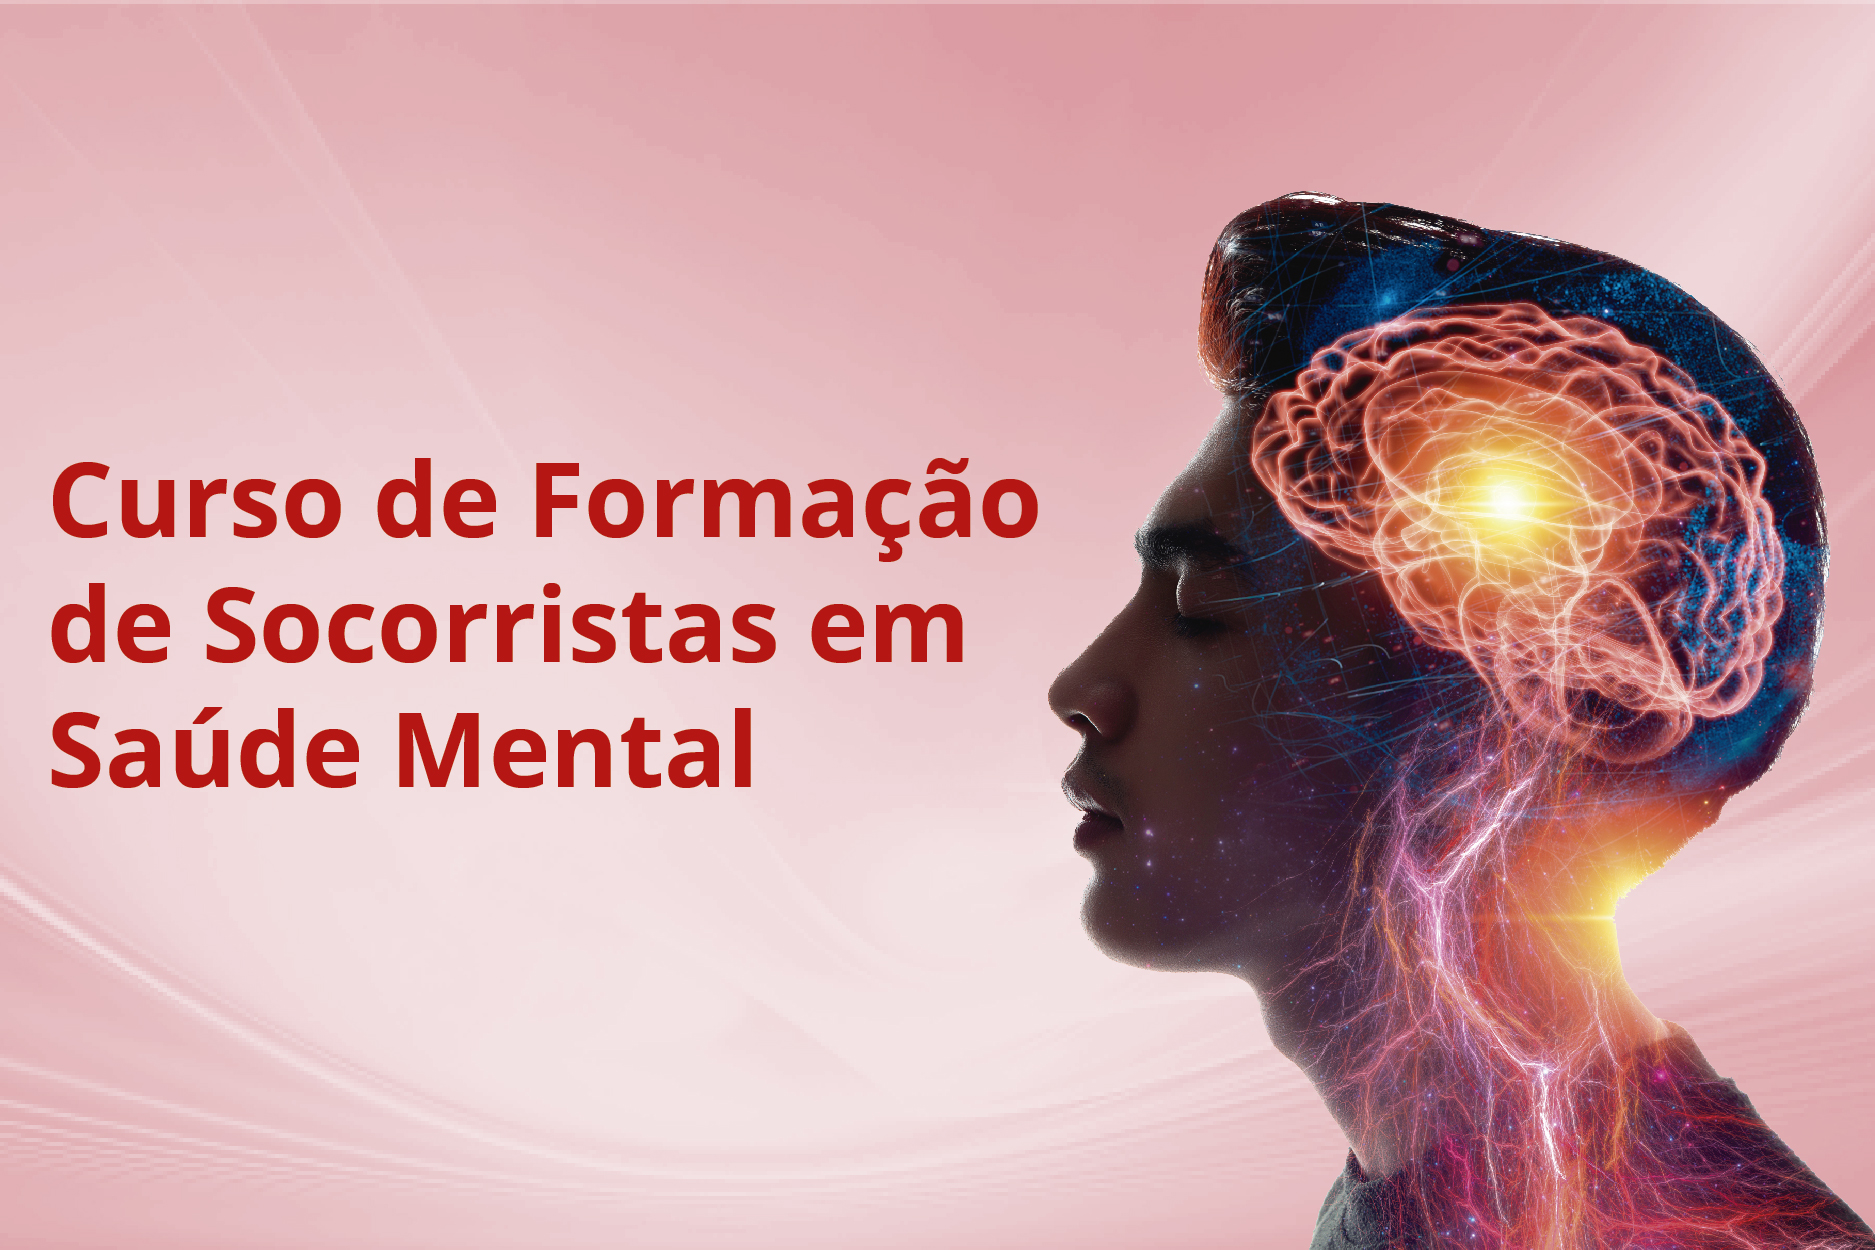 SAUDEMENTAL-M1 - Curso de Formação de Socorristas em Saúde Mental - Módulo 1 (001824 - 2021/1 - INTEGRAL)